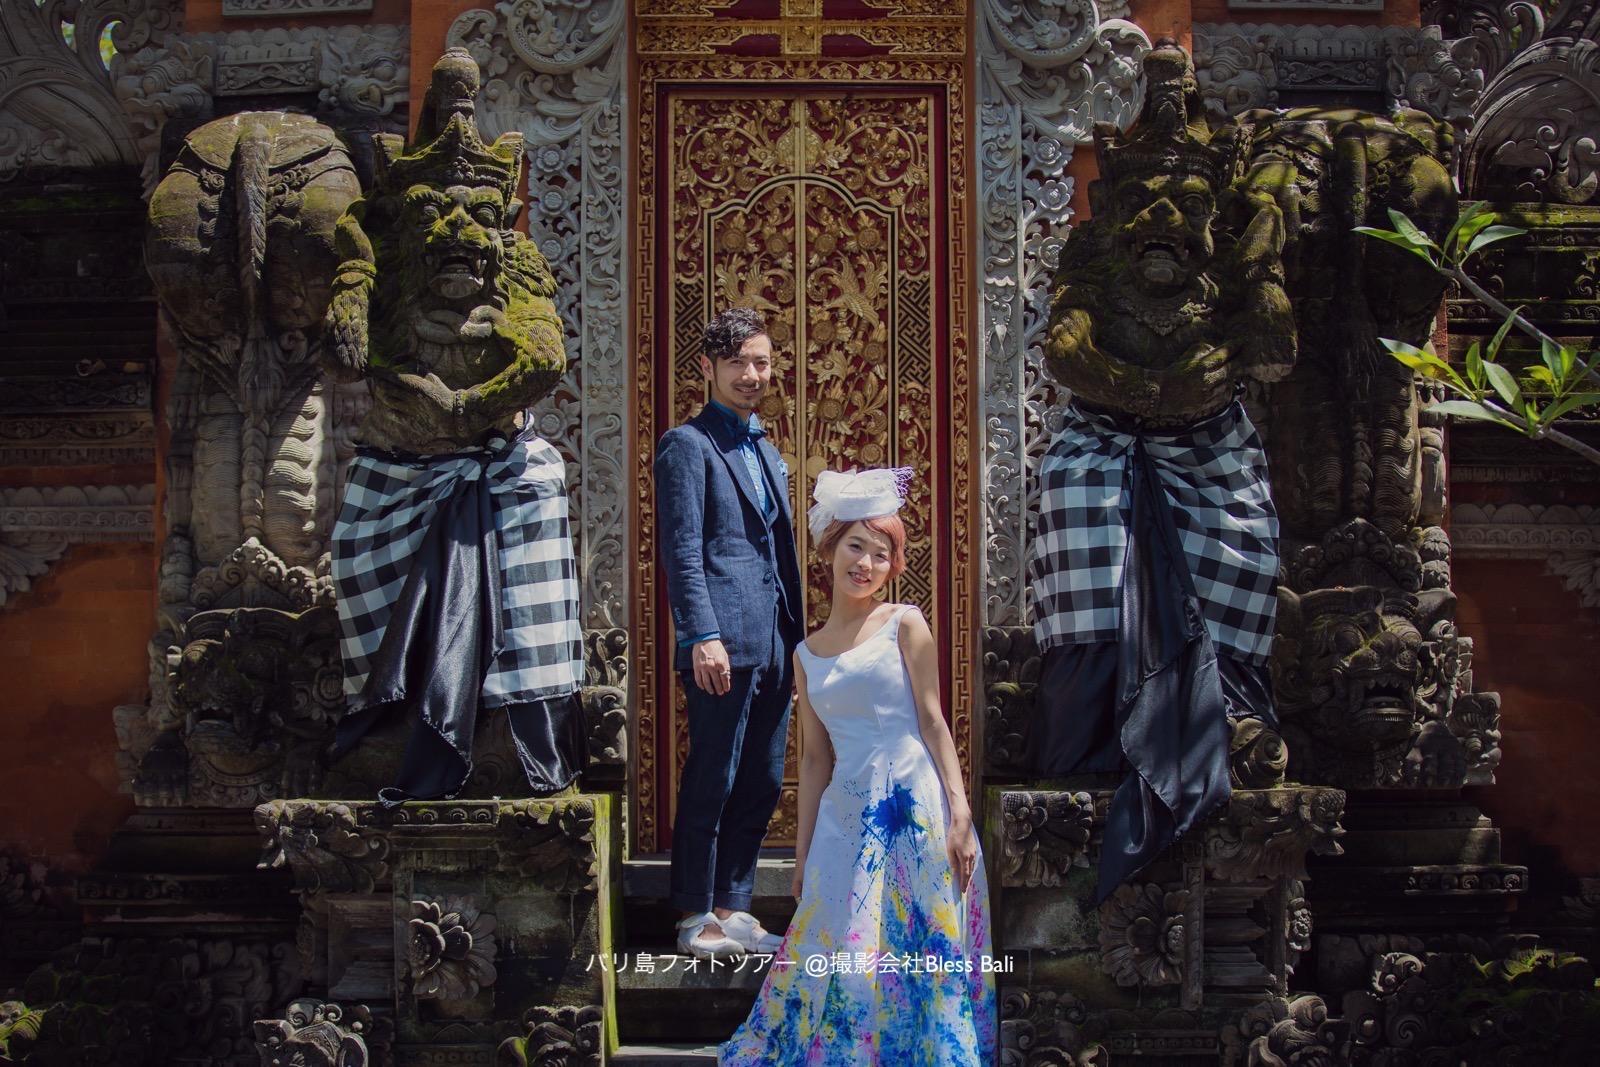 バリ寺院の扉の前で一枚